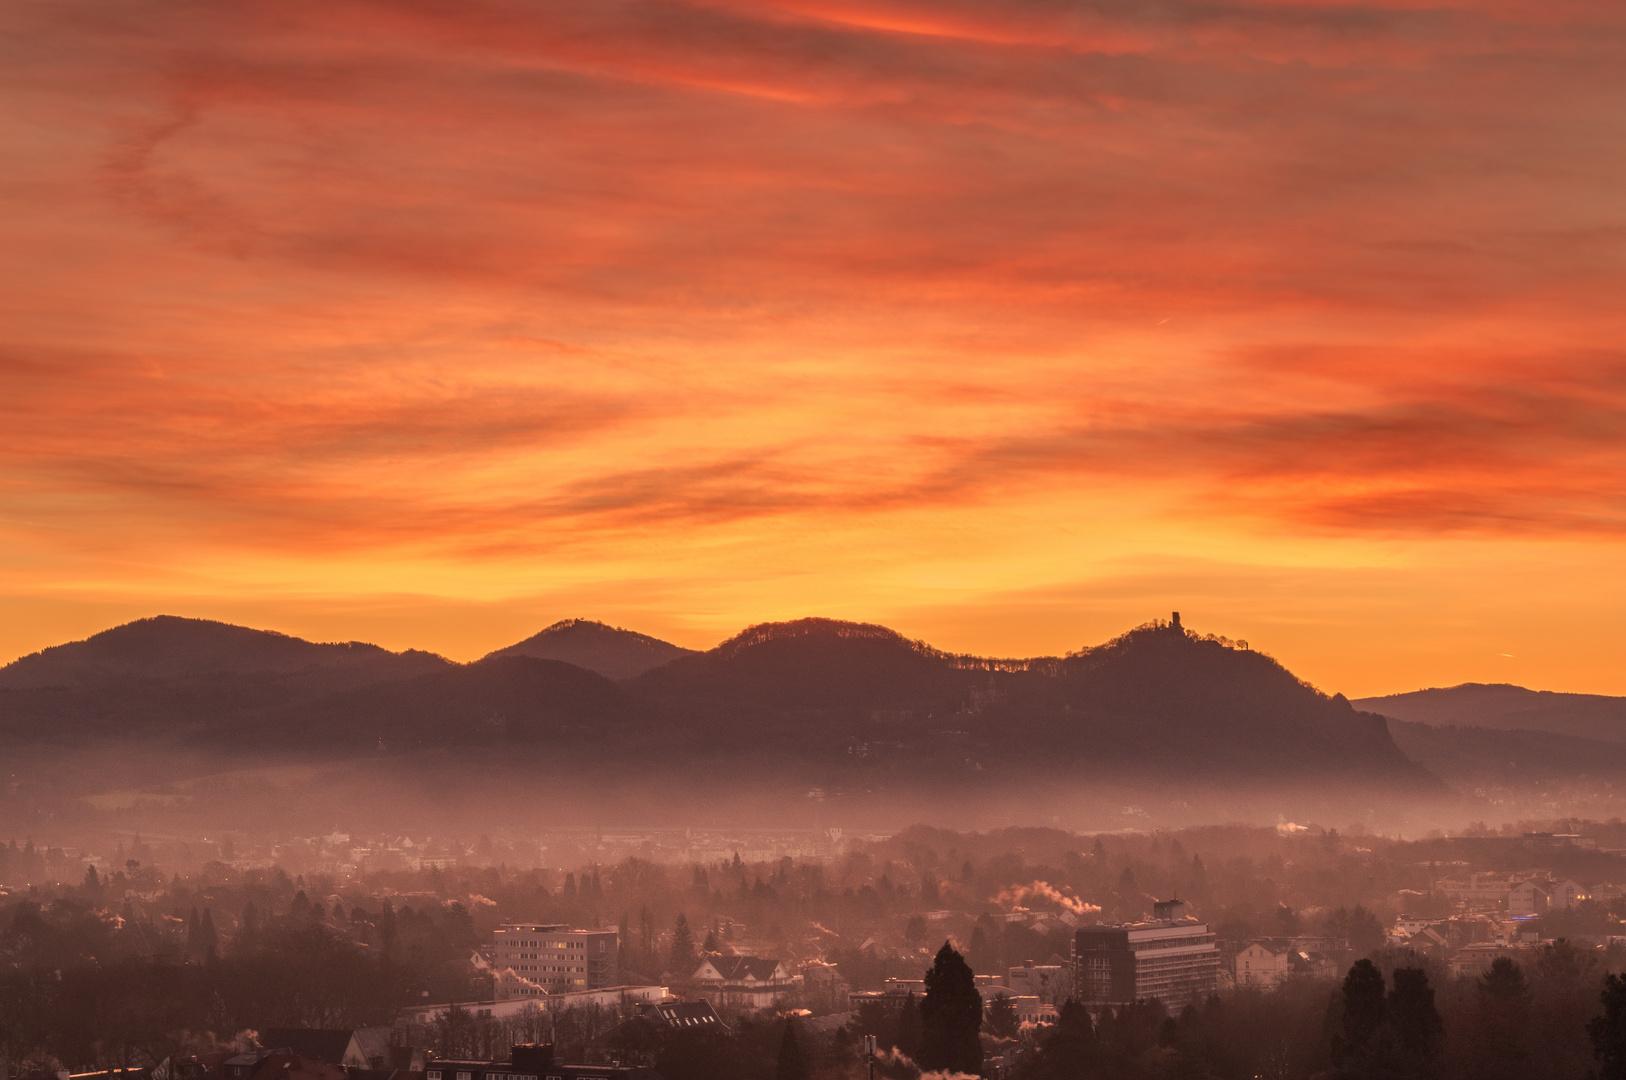 sonnenaufgang ber dem siebengebirge foto bild deutschland europe nordrhein westfalen. Black Bedroom Furniture Sets. Home Design Ideas